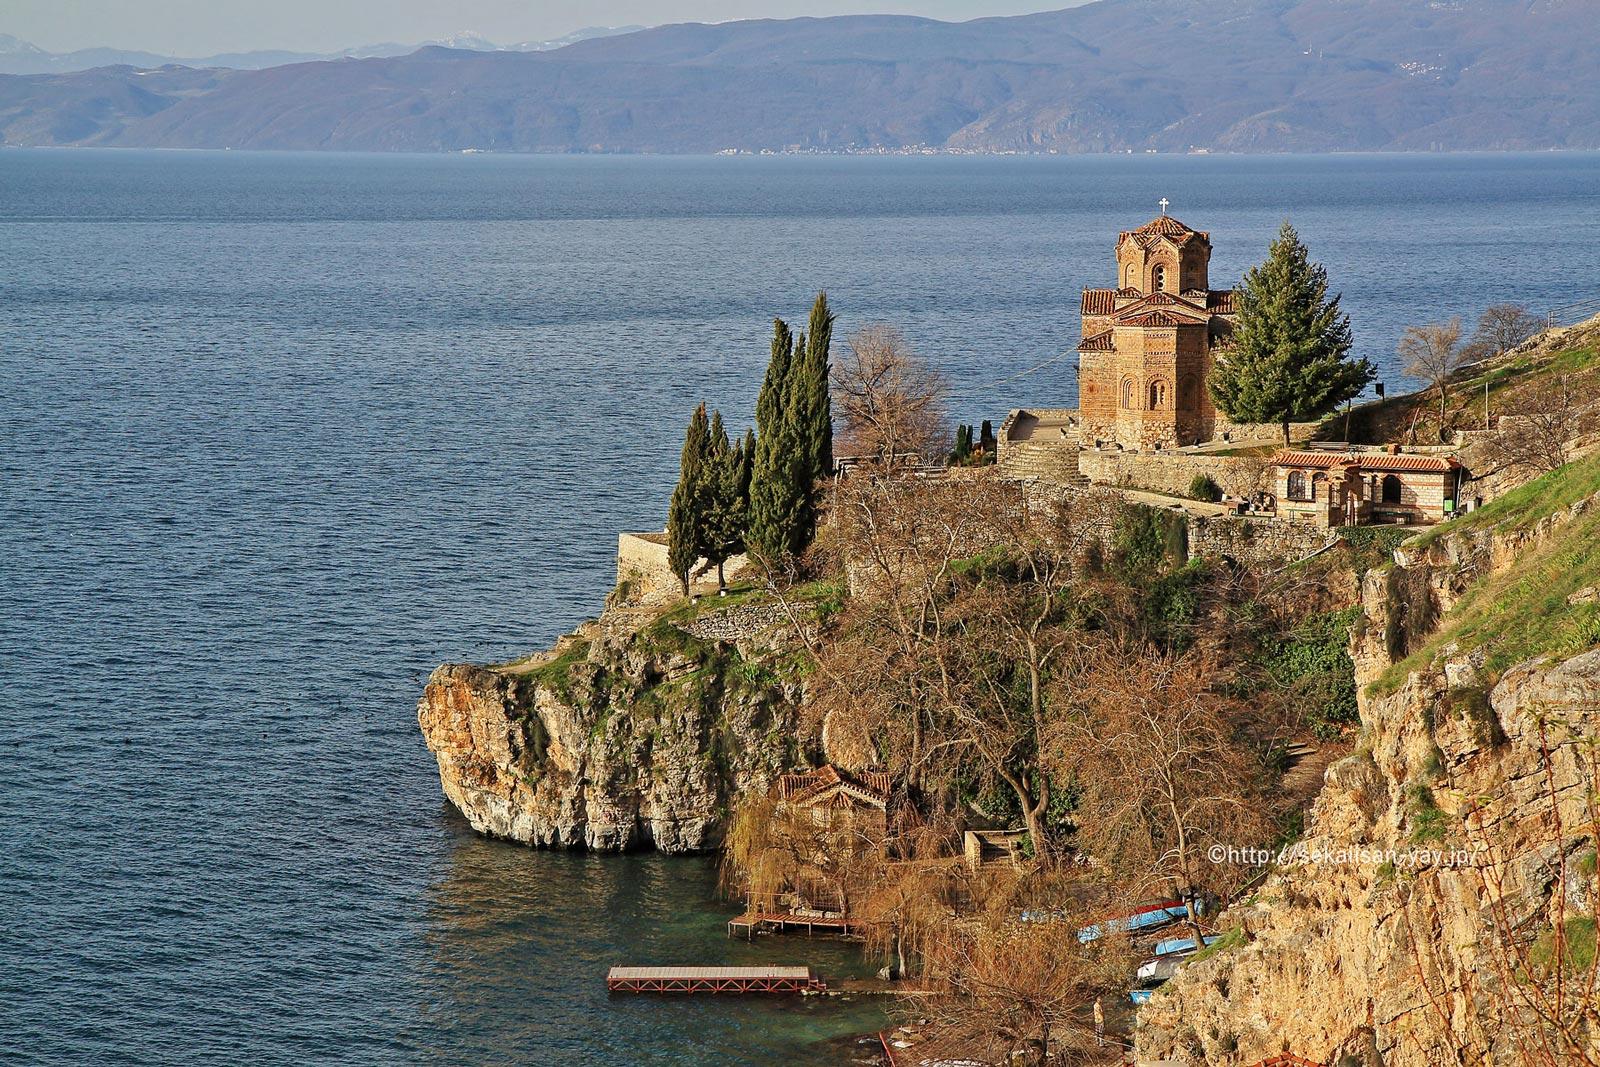 北マケドニア「オフリド地域の自然遺産及び文化遺産」- 聖ヨハネ・カネヨ教会